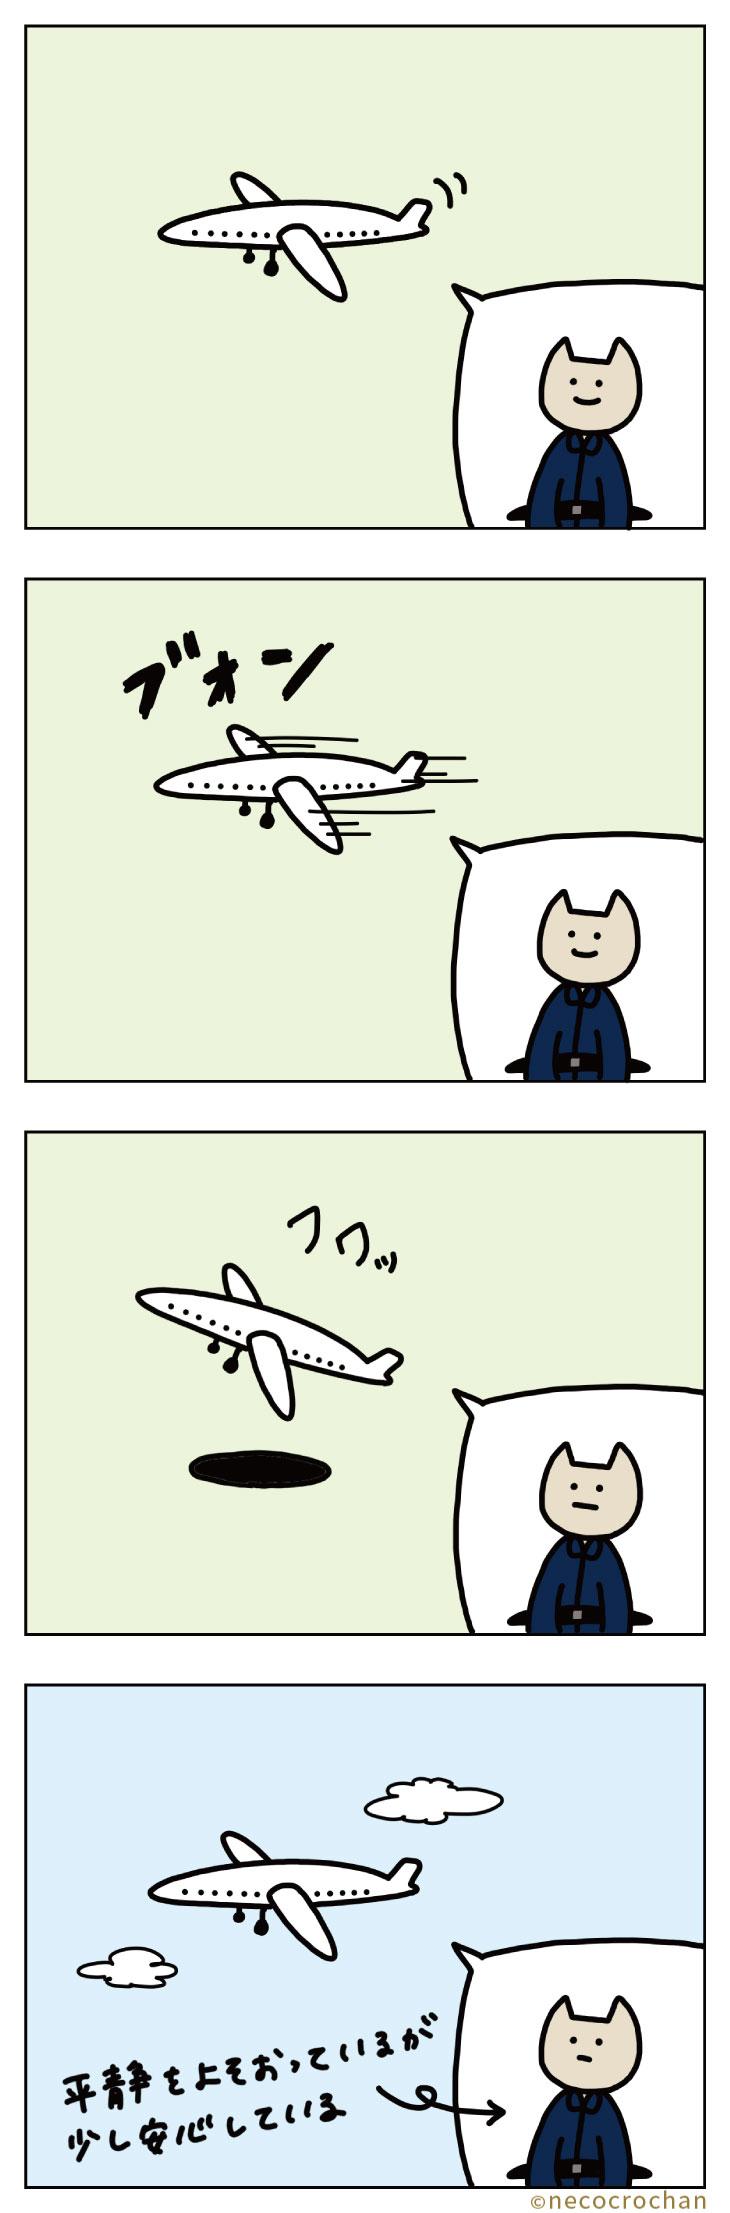 4コマ漫画ねこくろにっき「旅行〜ひこうき2〜」